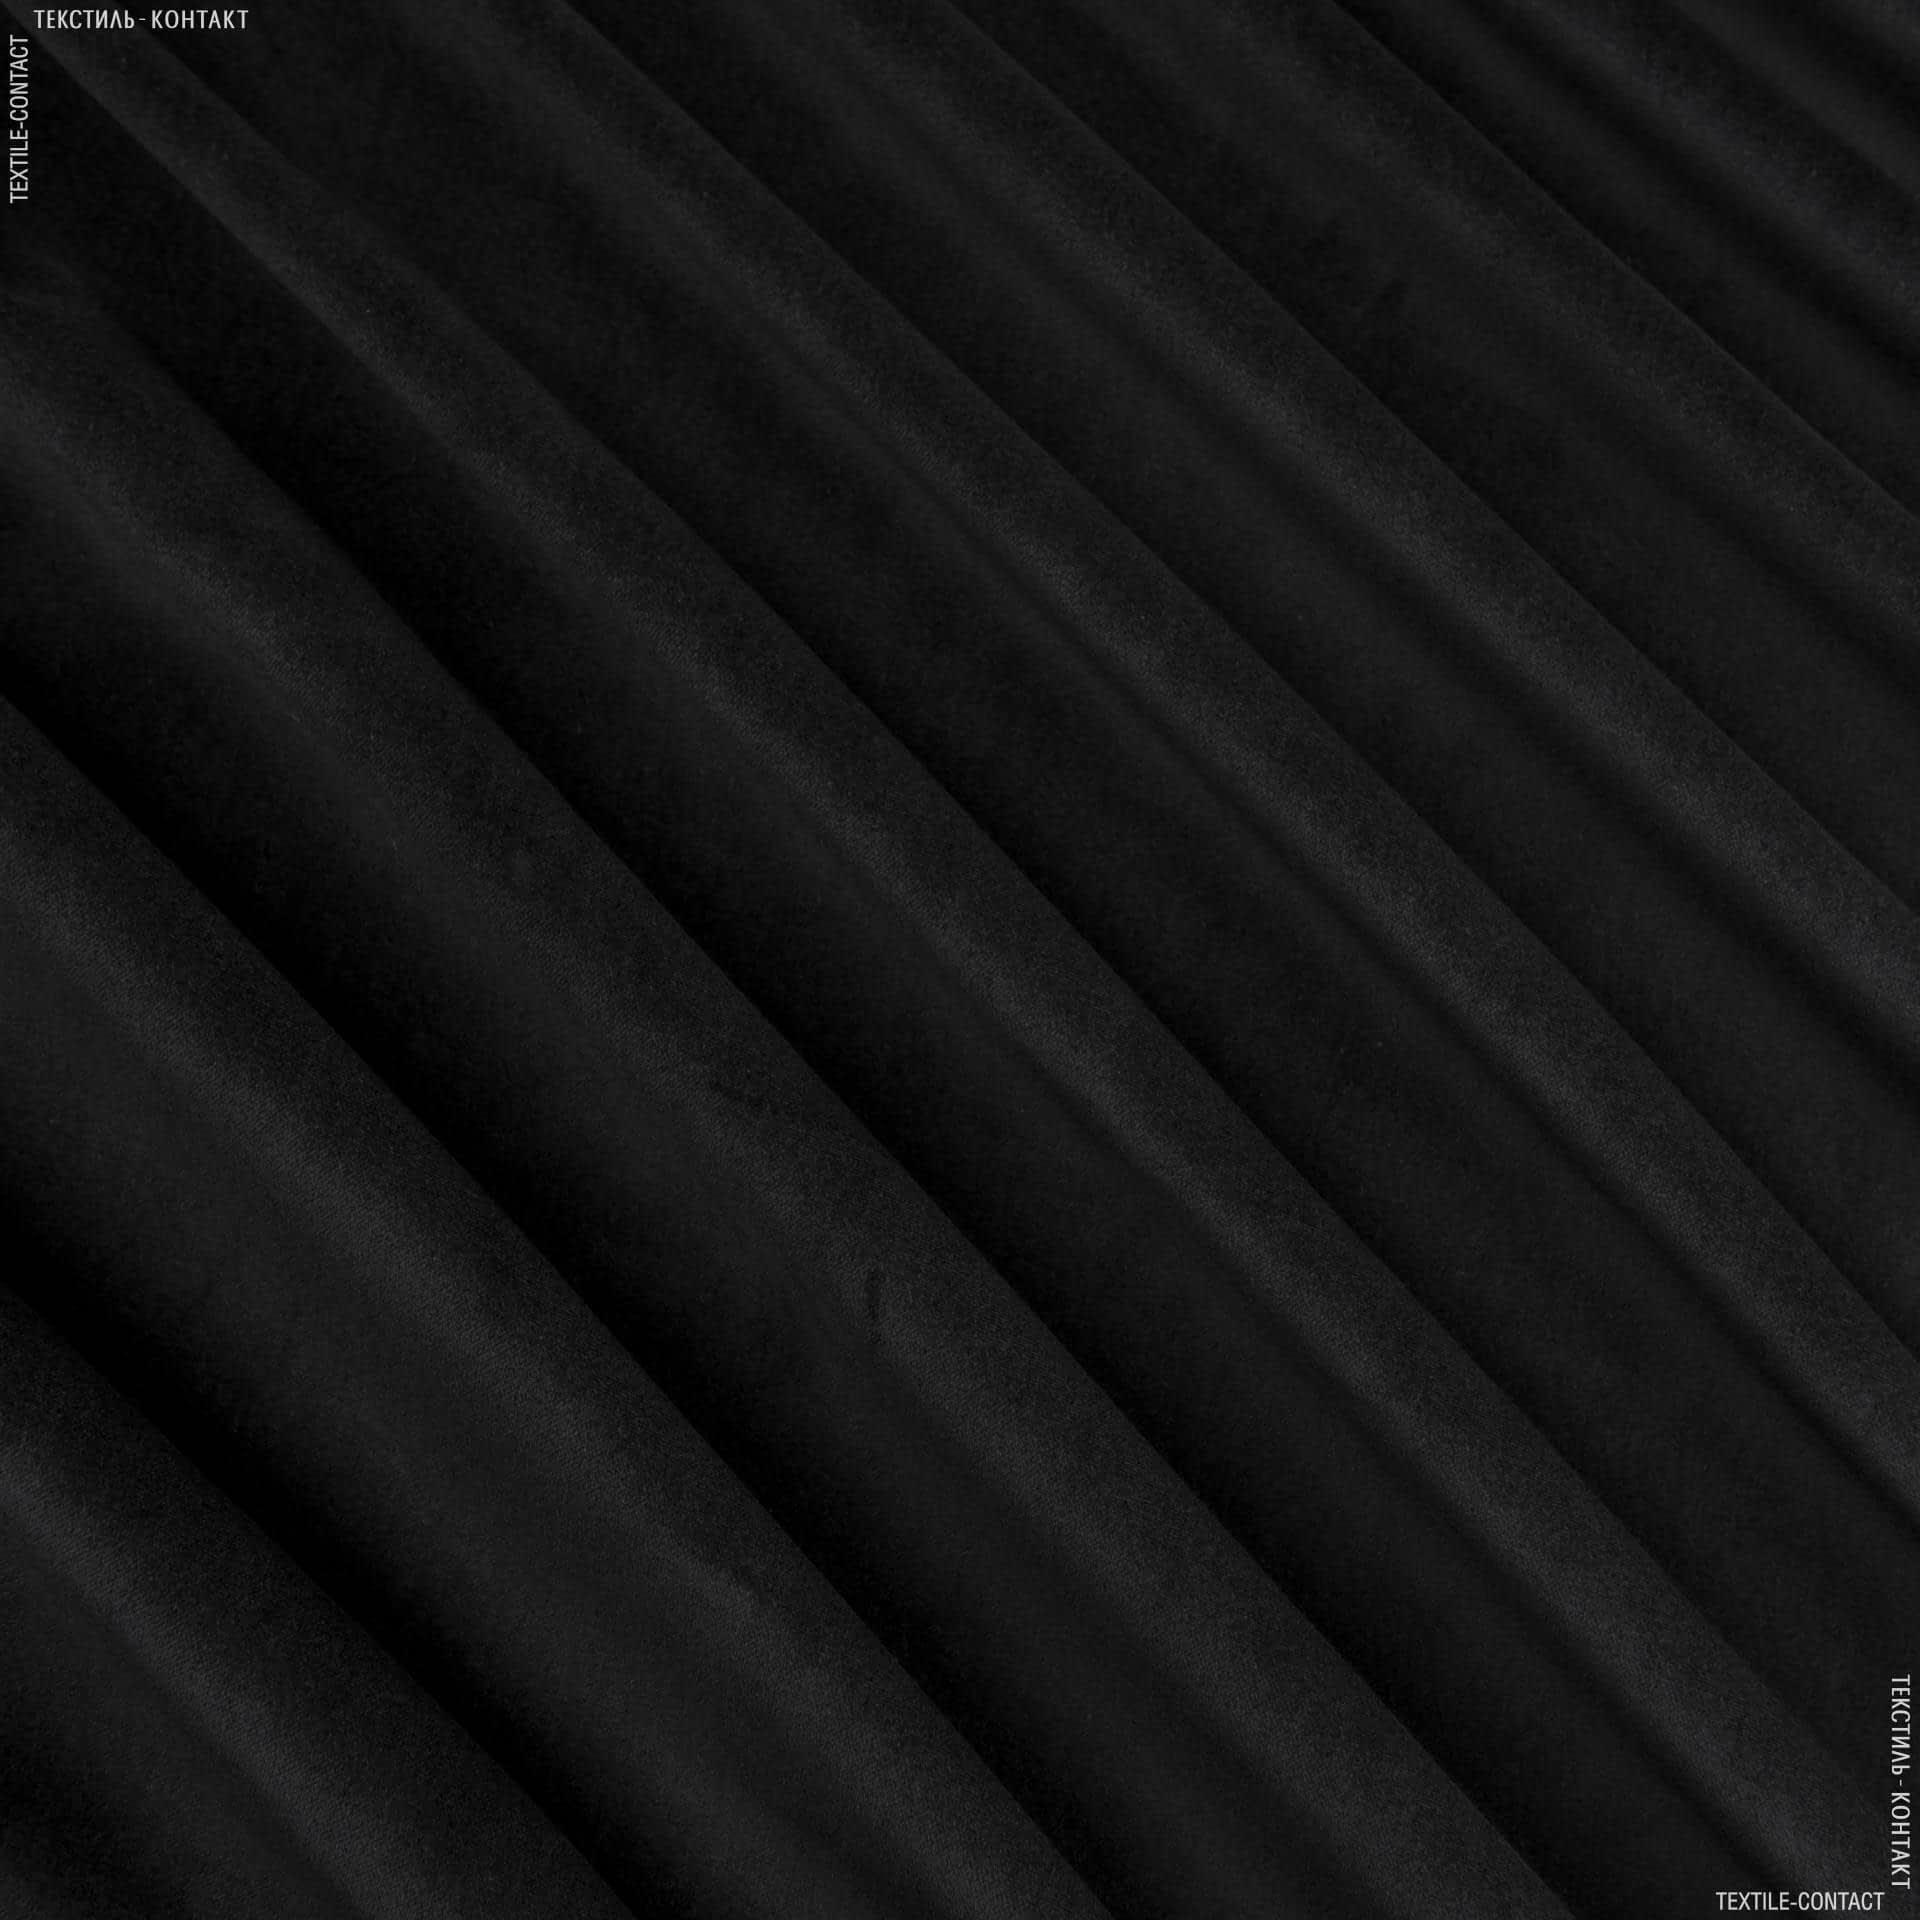 Ткани для верхней одежды - Костюмный бархат серо-черный